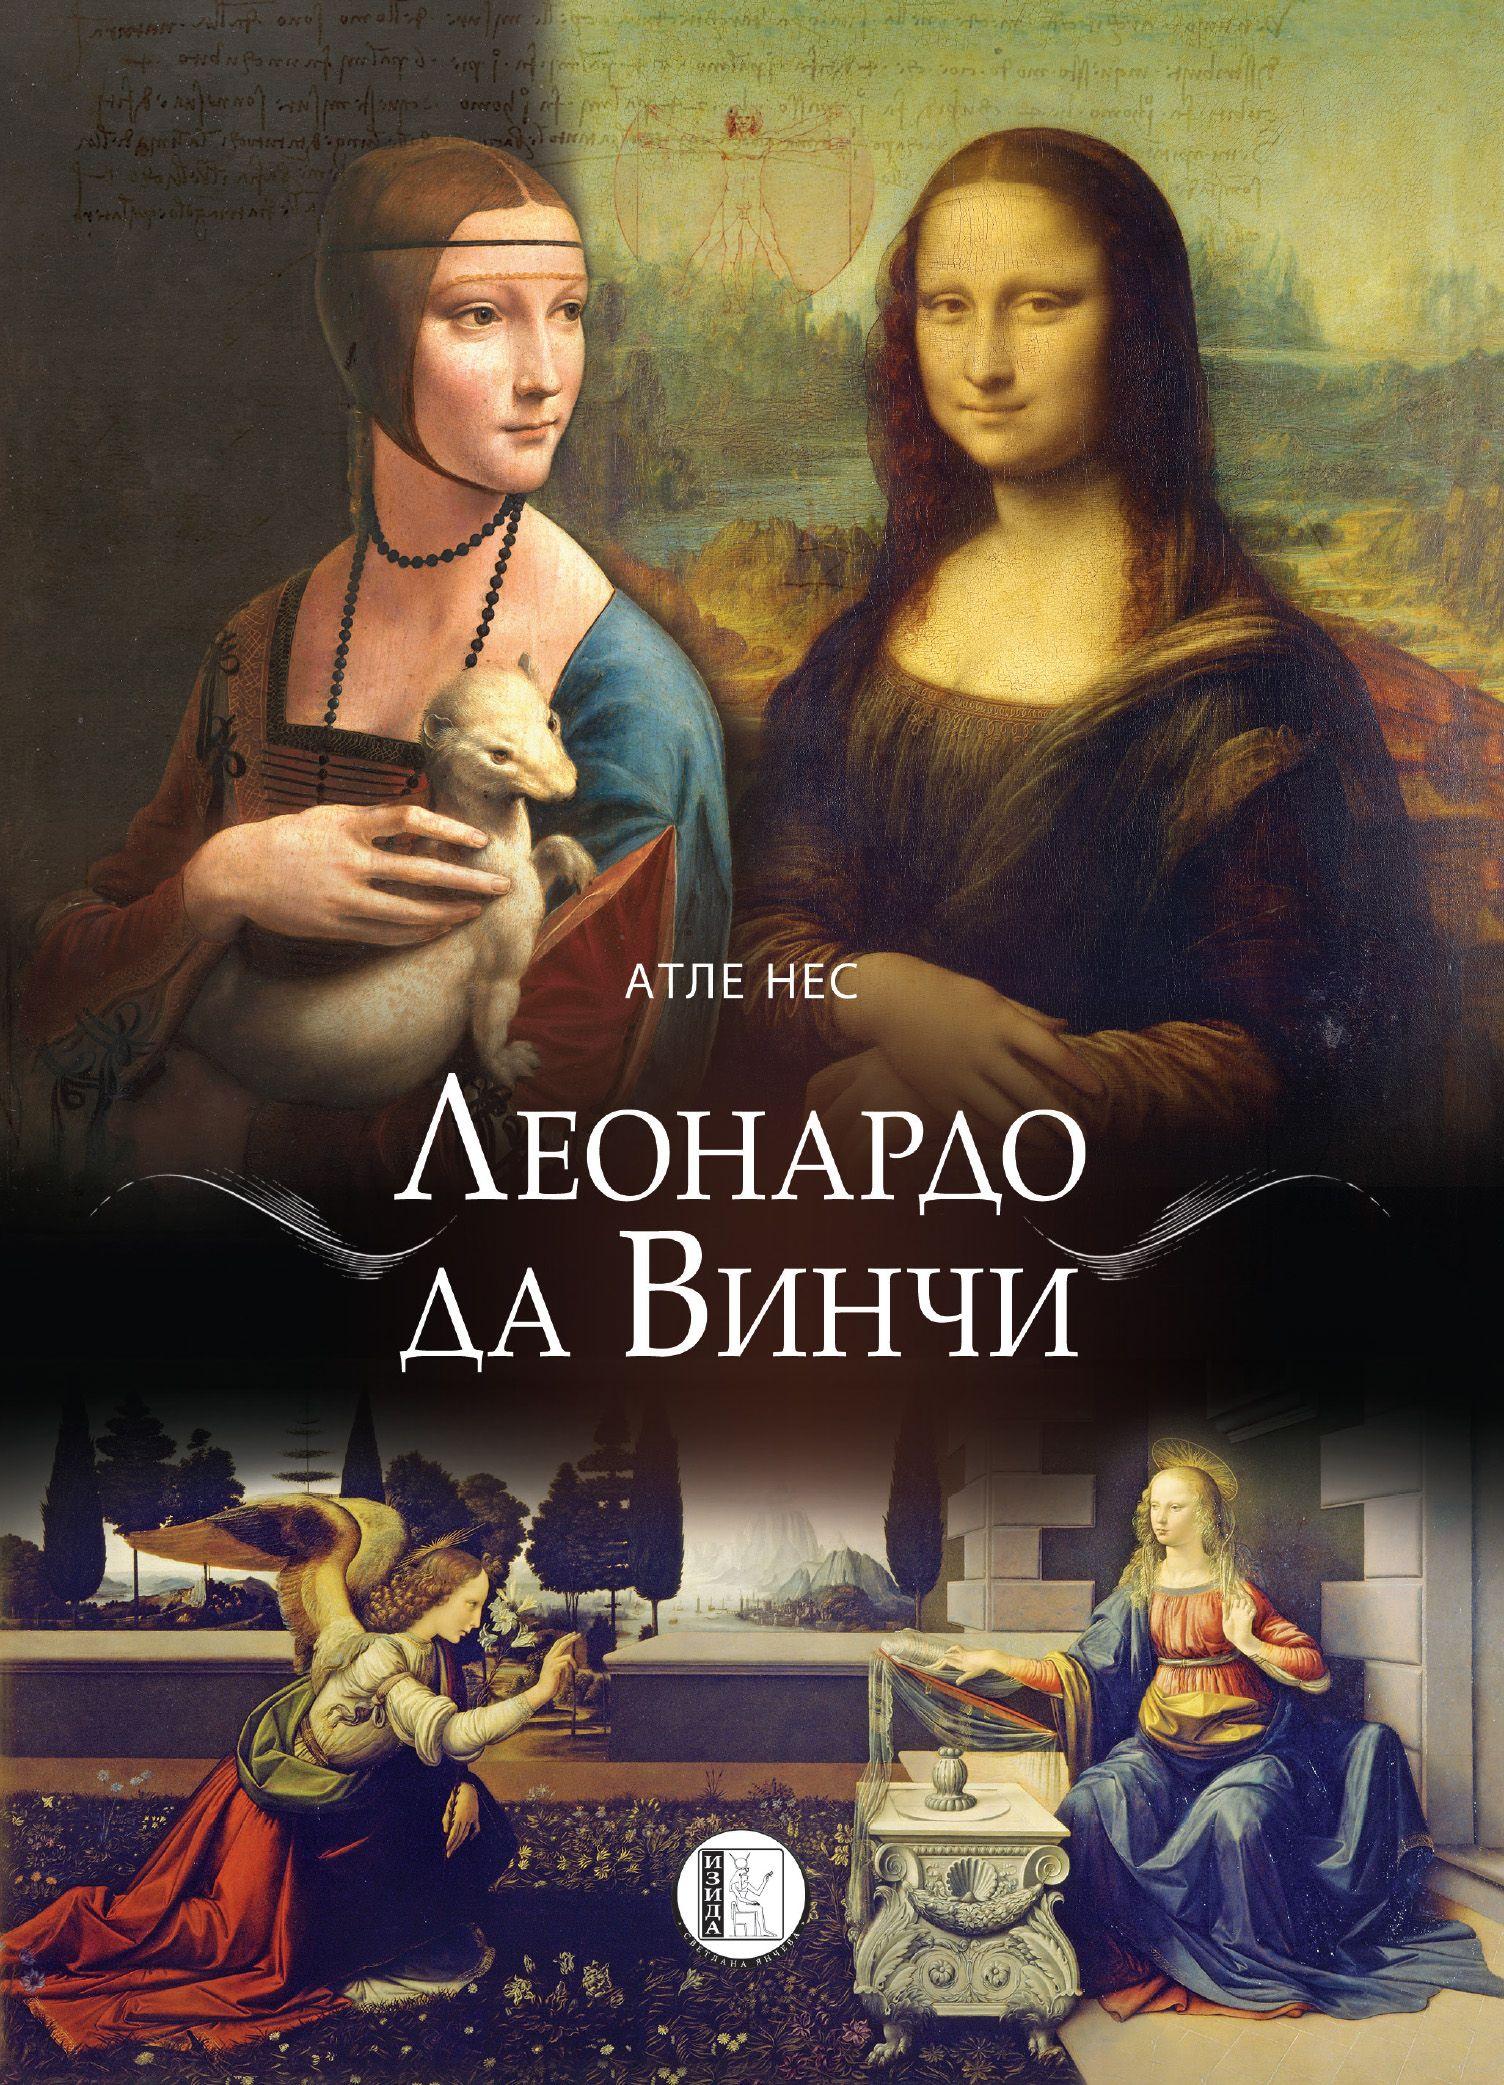 Леонардо да Винчи - 1